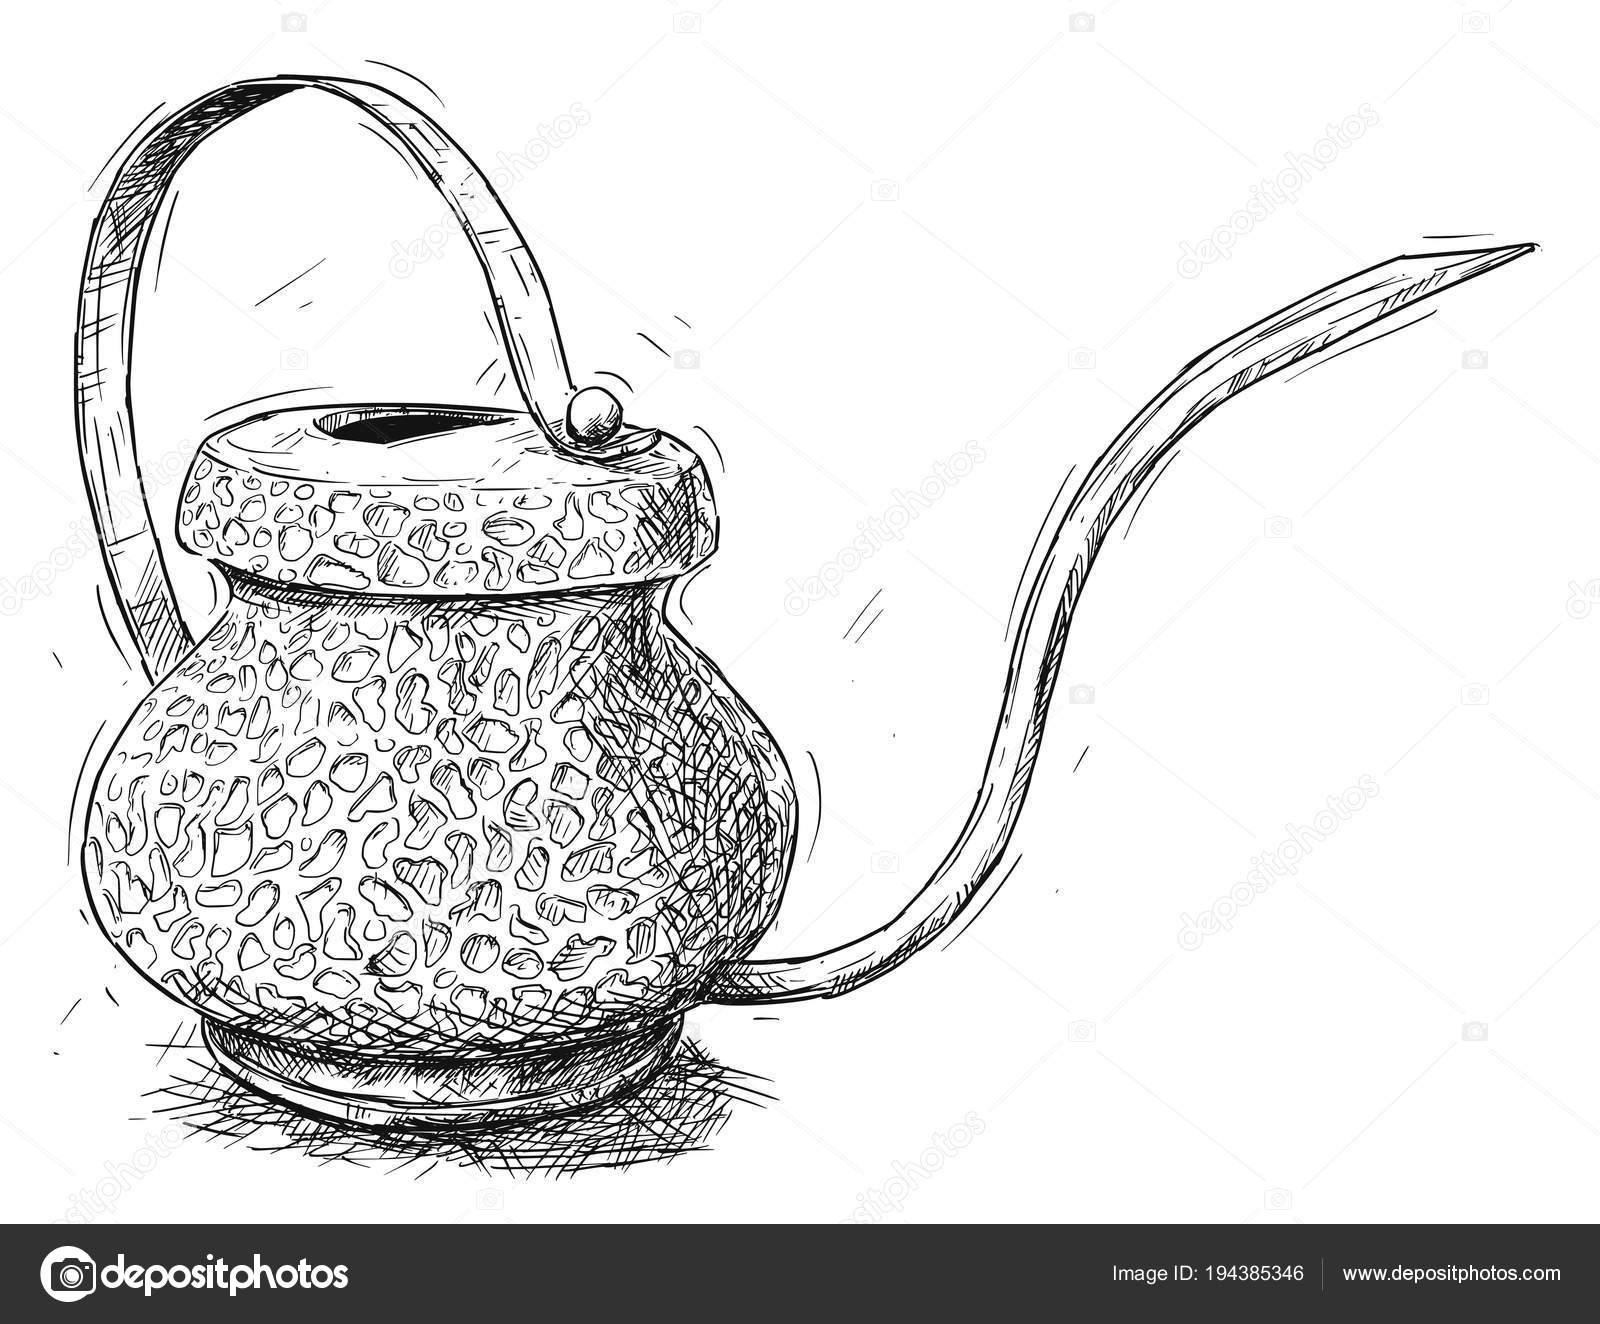 depositphotos_194385346-stockillustratie-artistieke-vectorillustratie-of-tekening-van.jpg